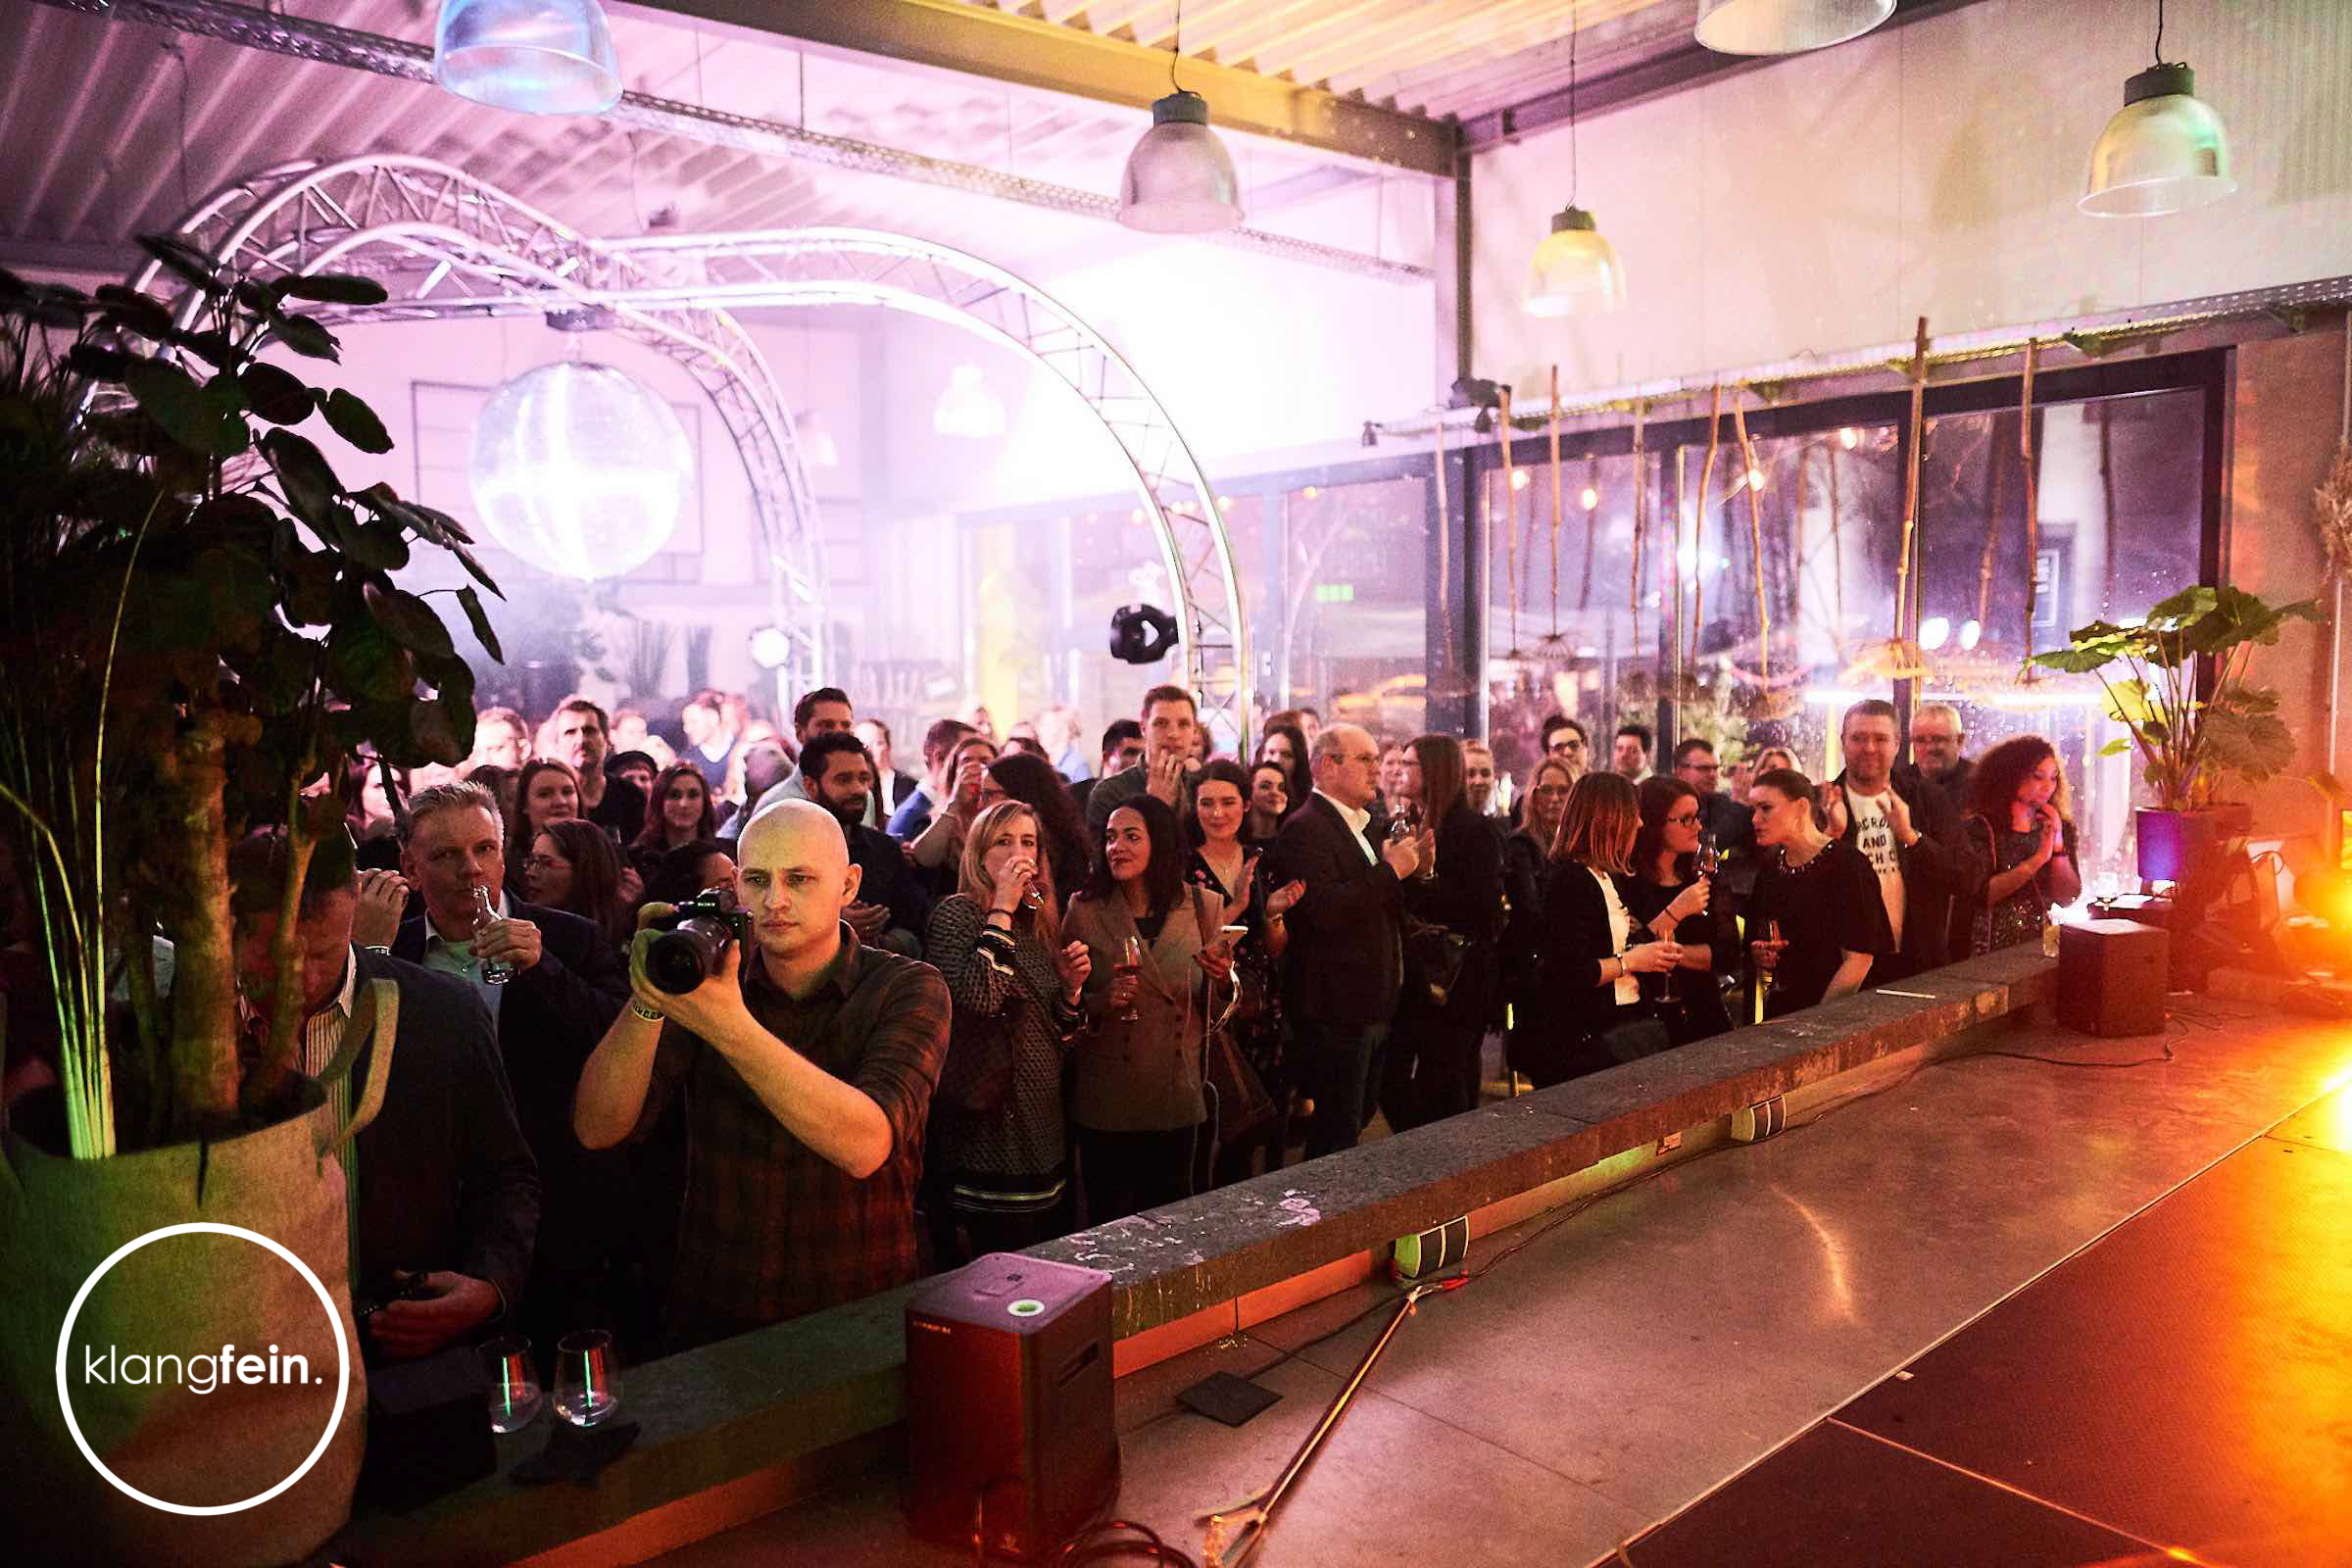 Traversen   Messe   Event   Gala   Truss   Lichttechnik   Lautsprecher   Tontechnik   Beschallung   Mieten   Buchen   Anfragen   Klangfein   Hannover